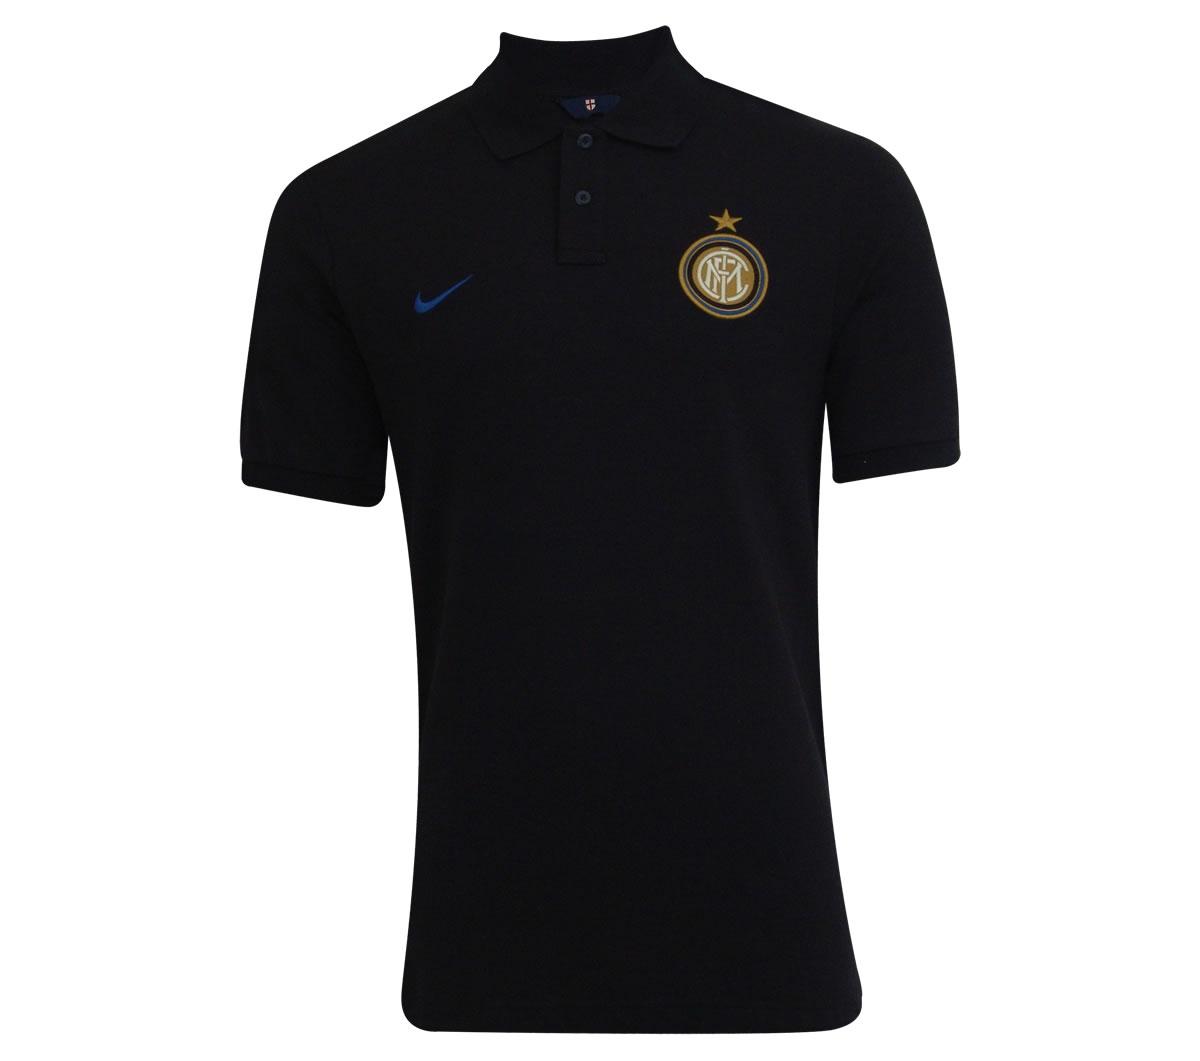 f31a1f5570 Camisa Inter de Milão Nike Polo Authentic - Mundo do Futebol